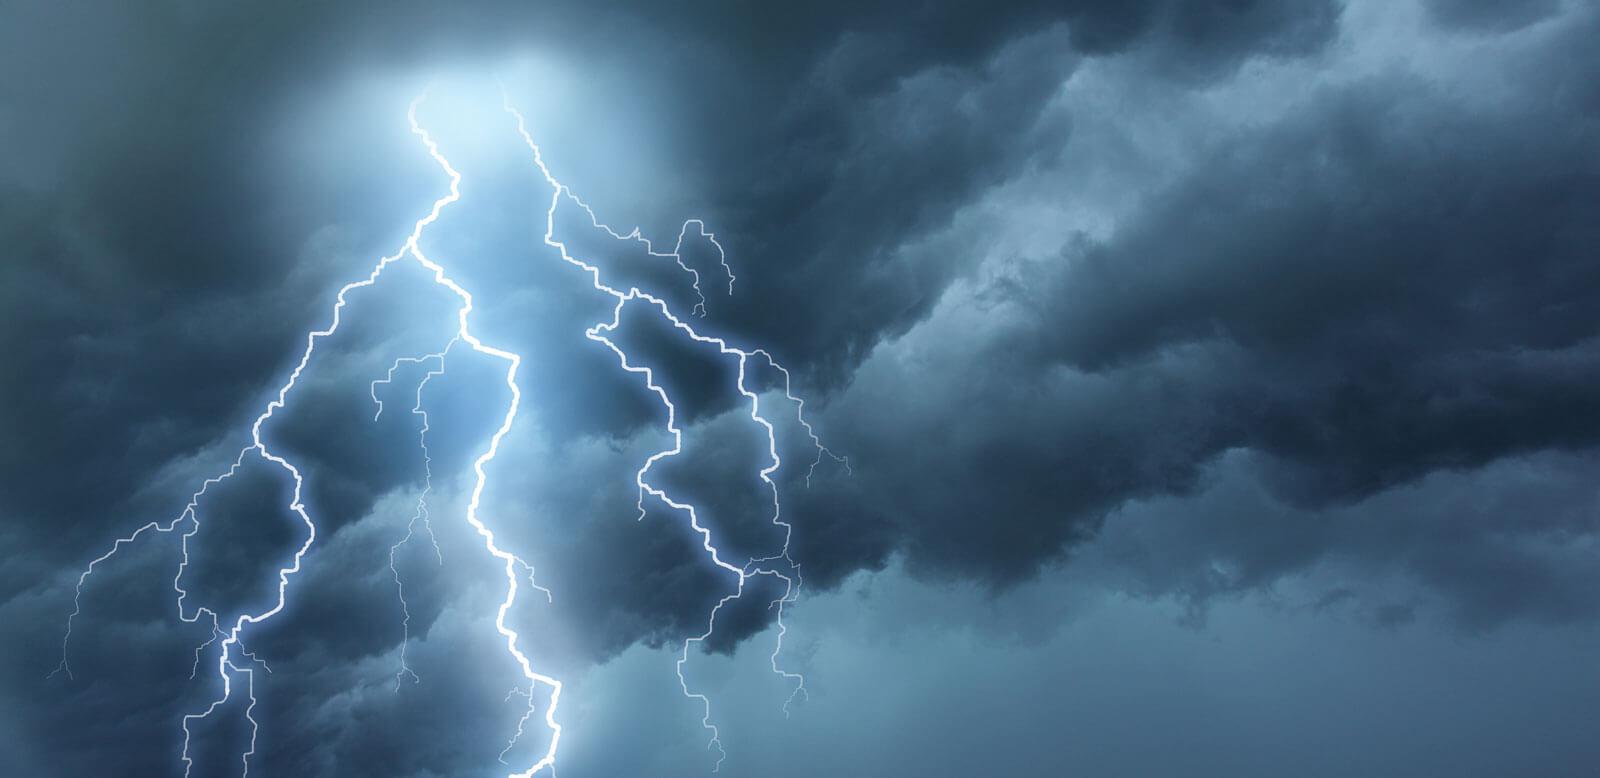 lightning cracks across blue sky at night